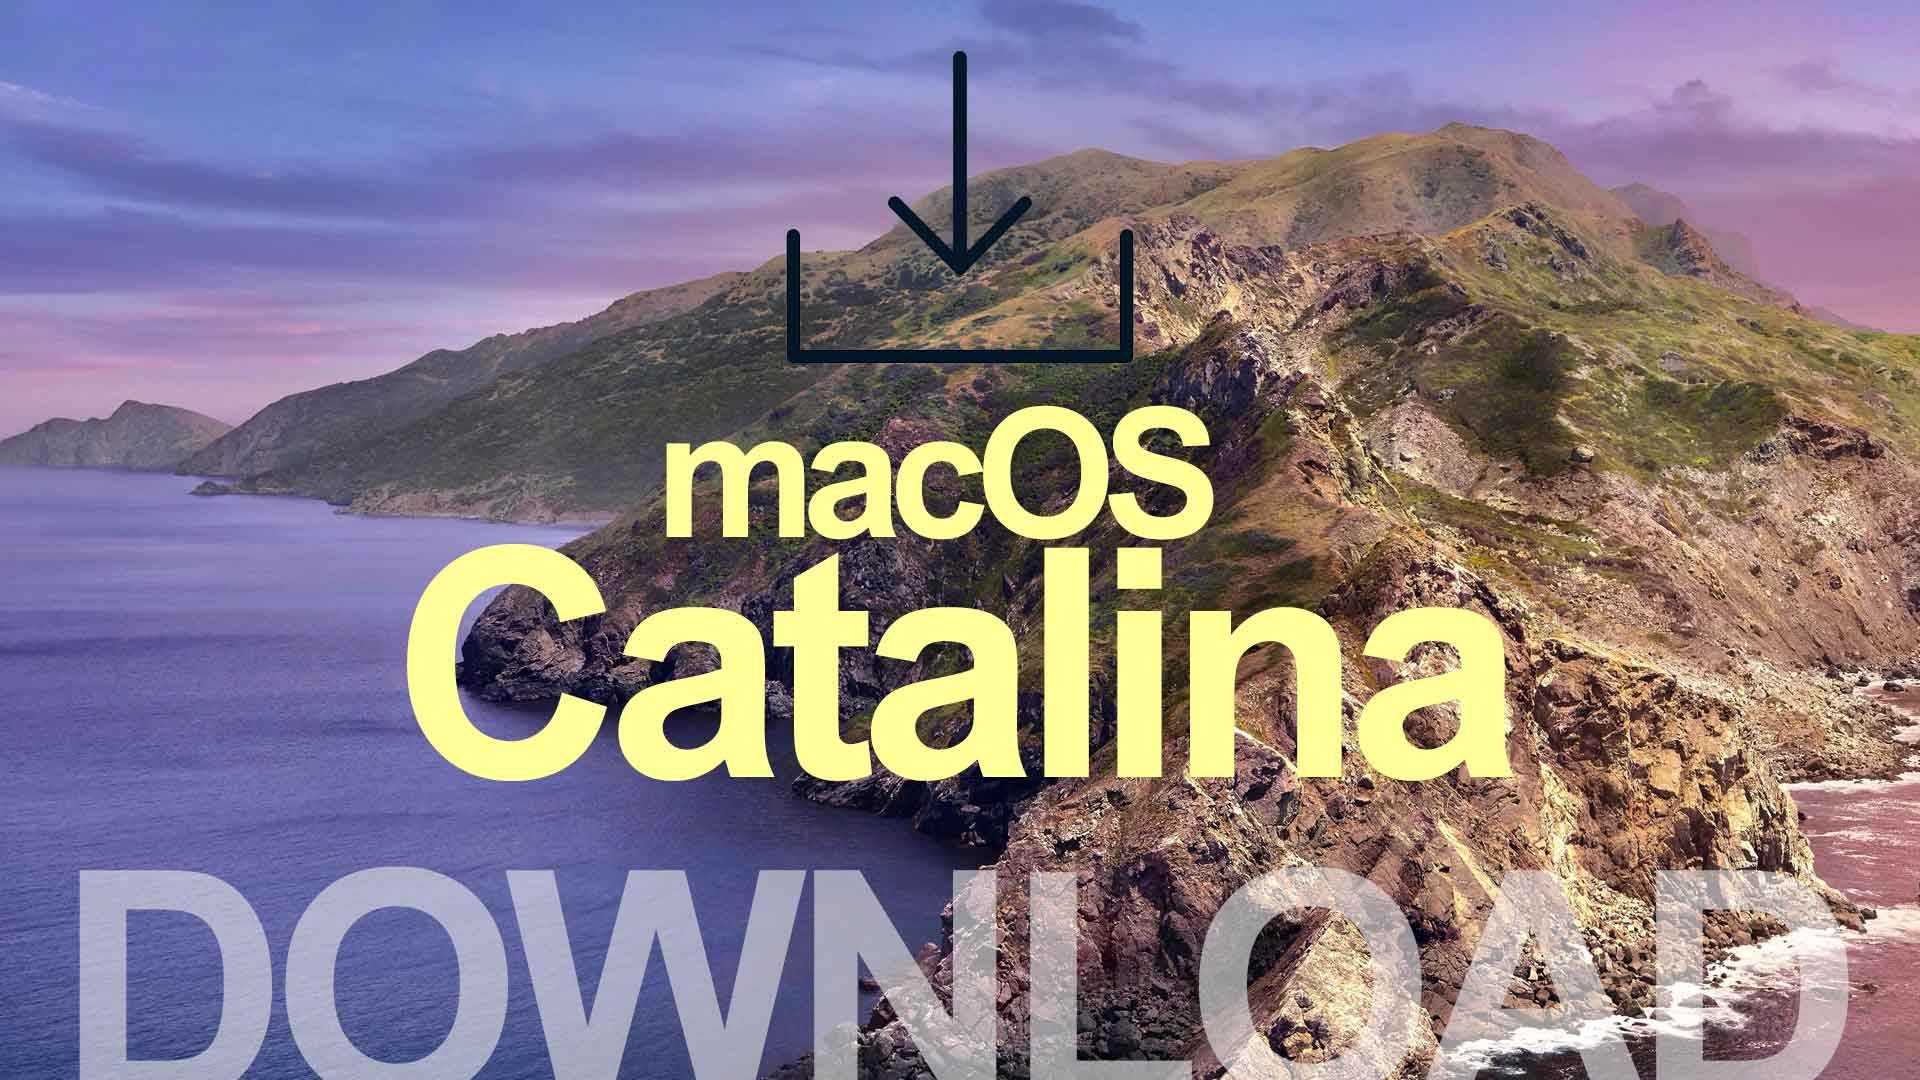 Download Virtualbox For Mac Os Catalina